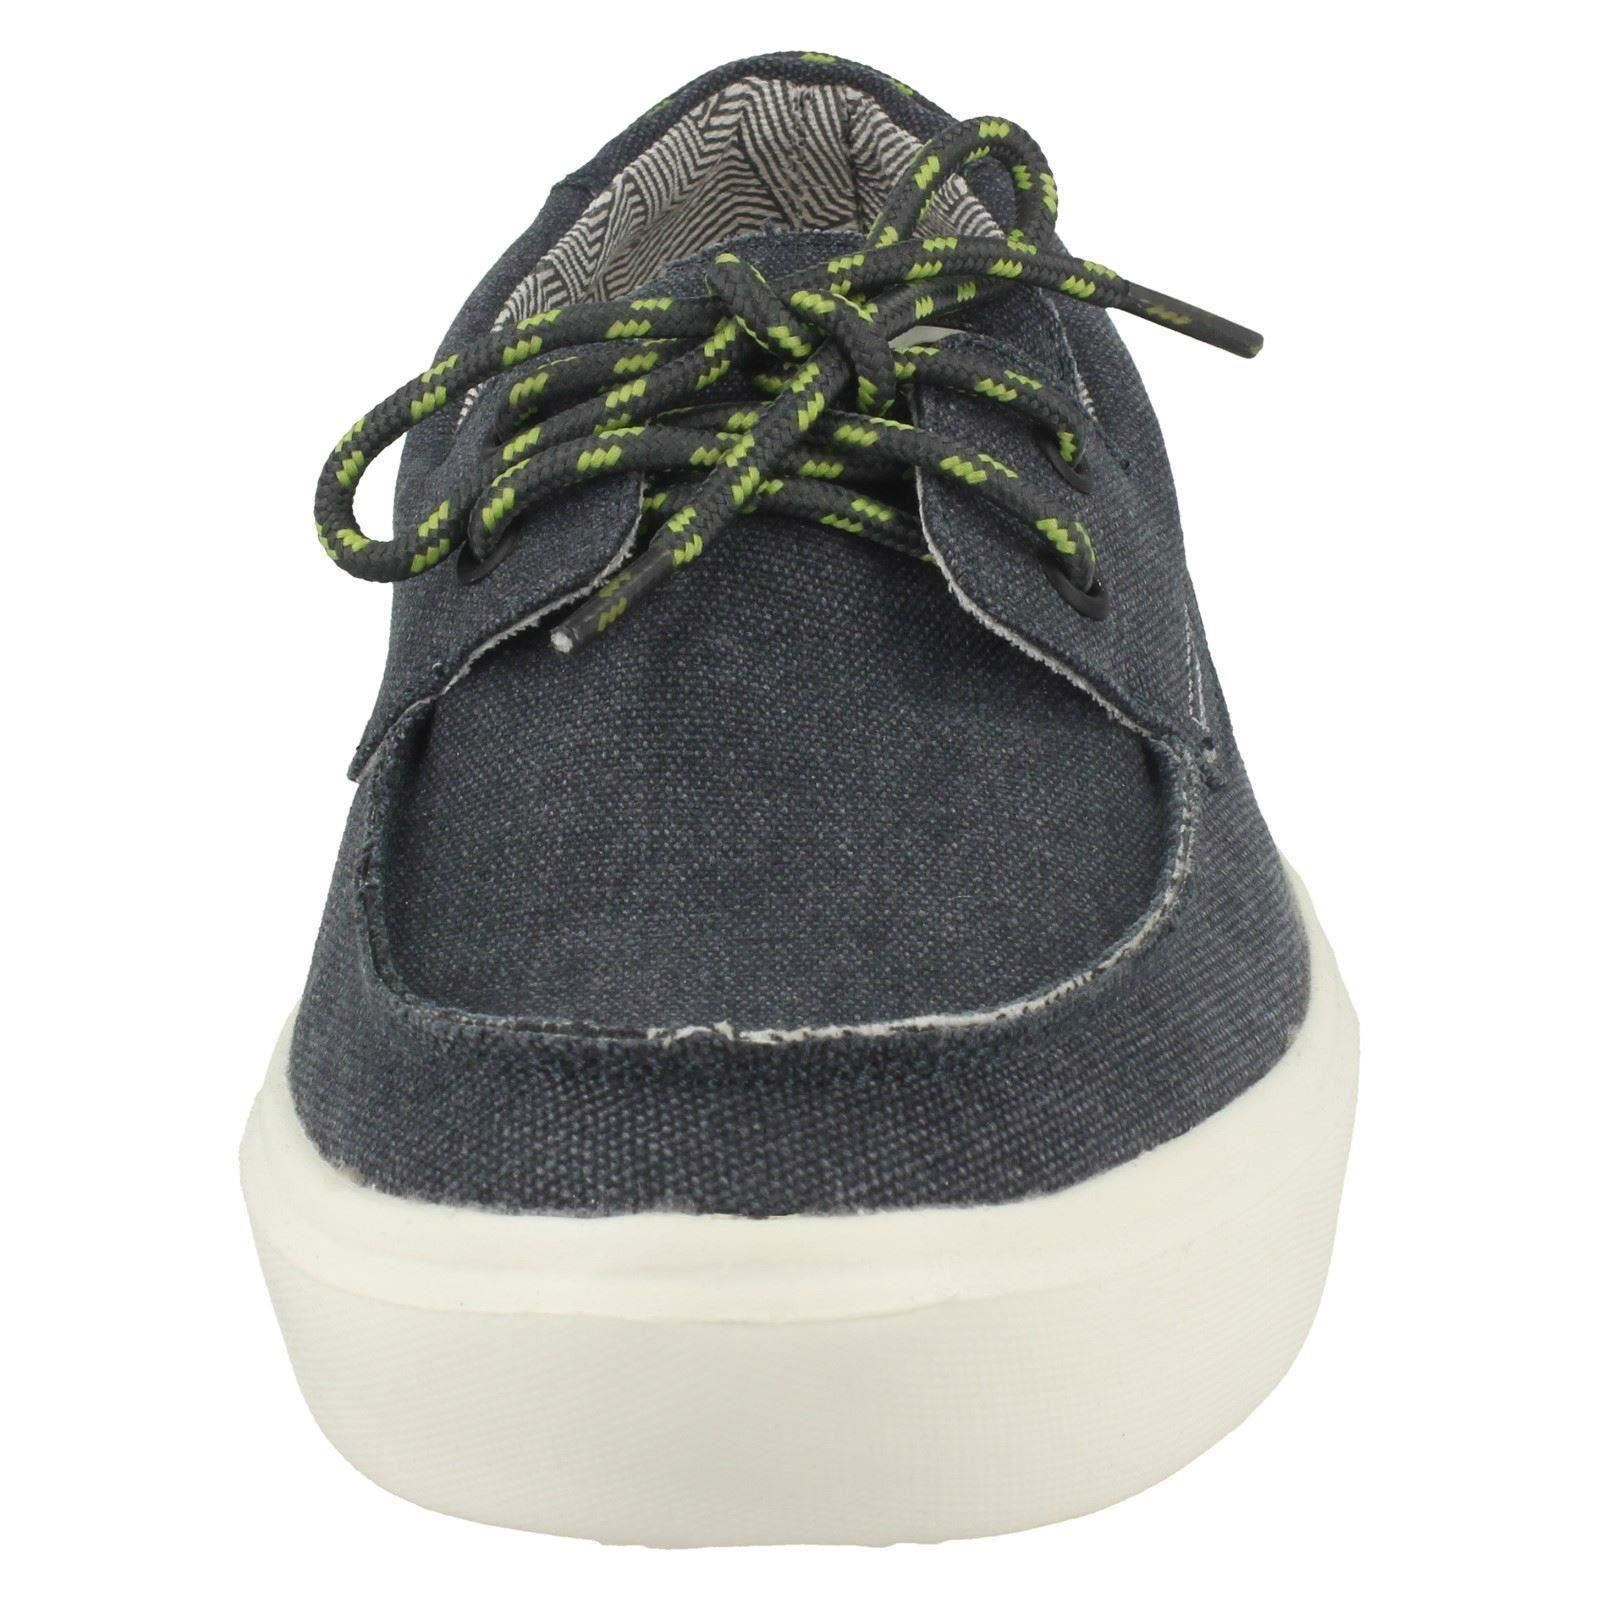 Para hombre clave dude Con Cordones Zapatos informales de cubierta estilo ligero-Kola